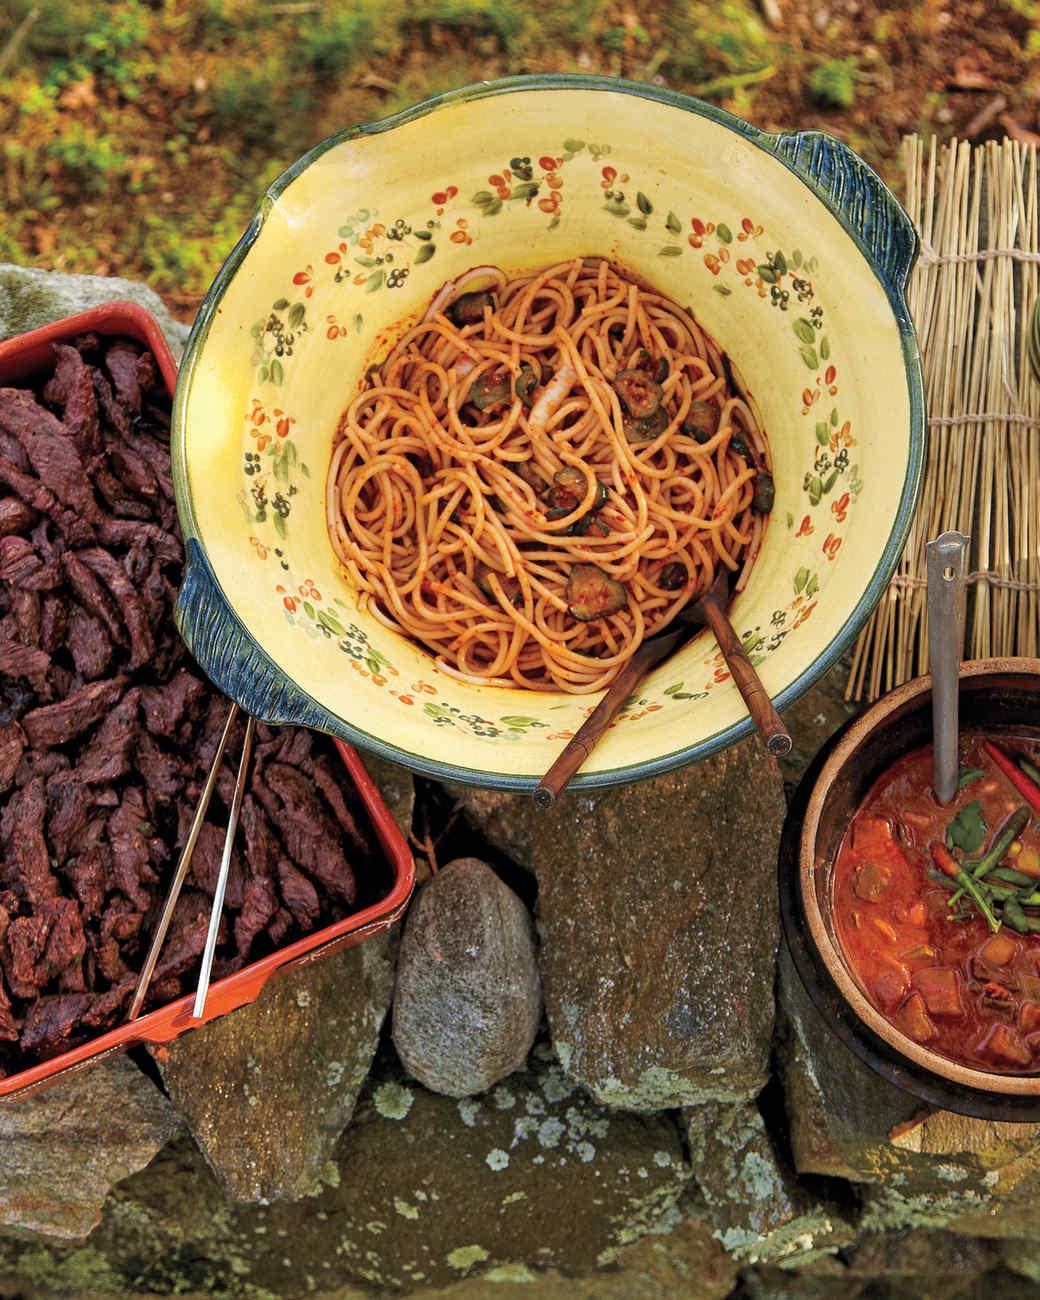 korean-bbq-dinner-2-mld108045.jpg